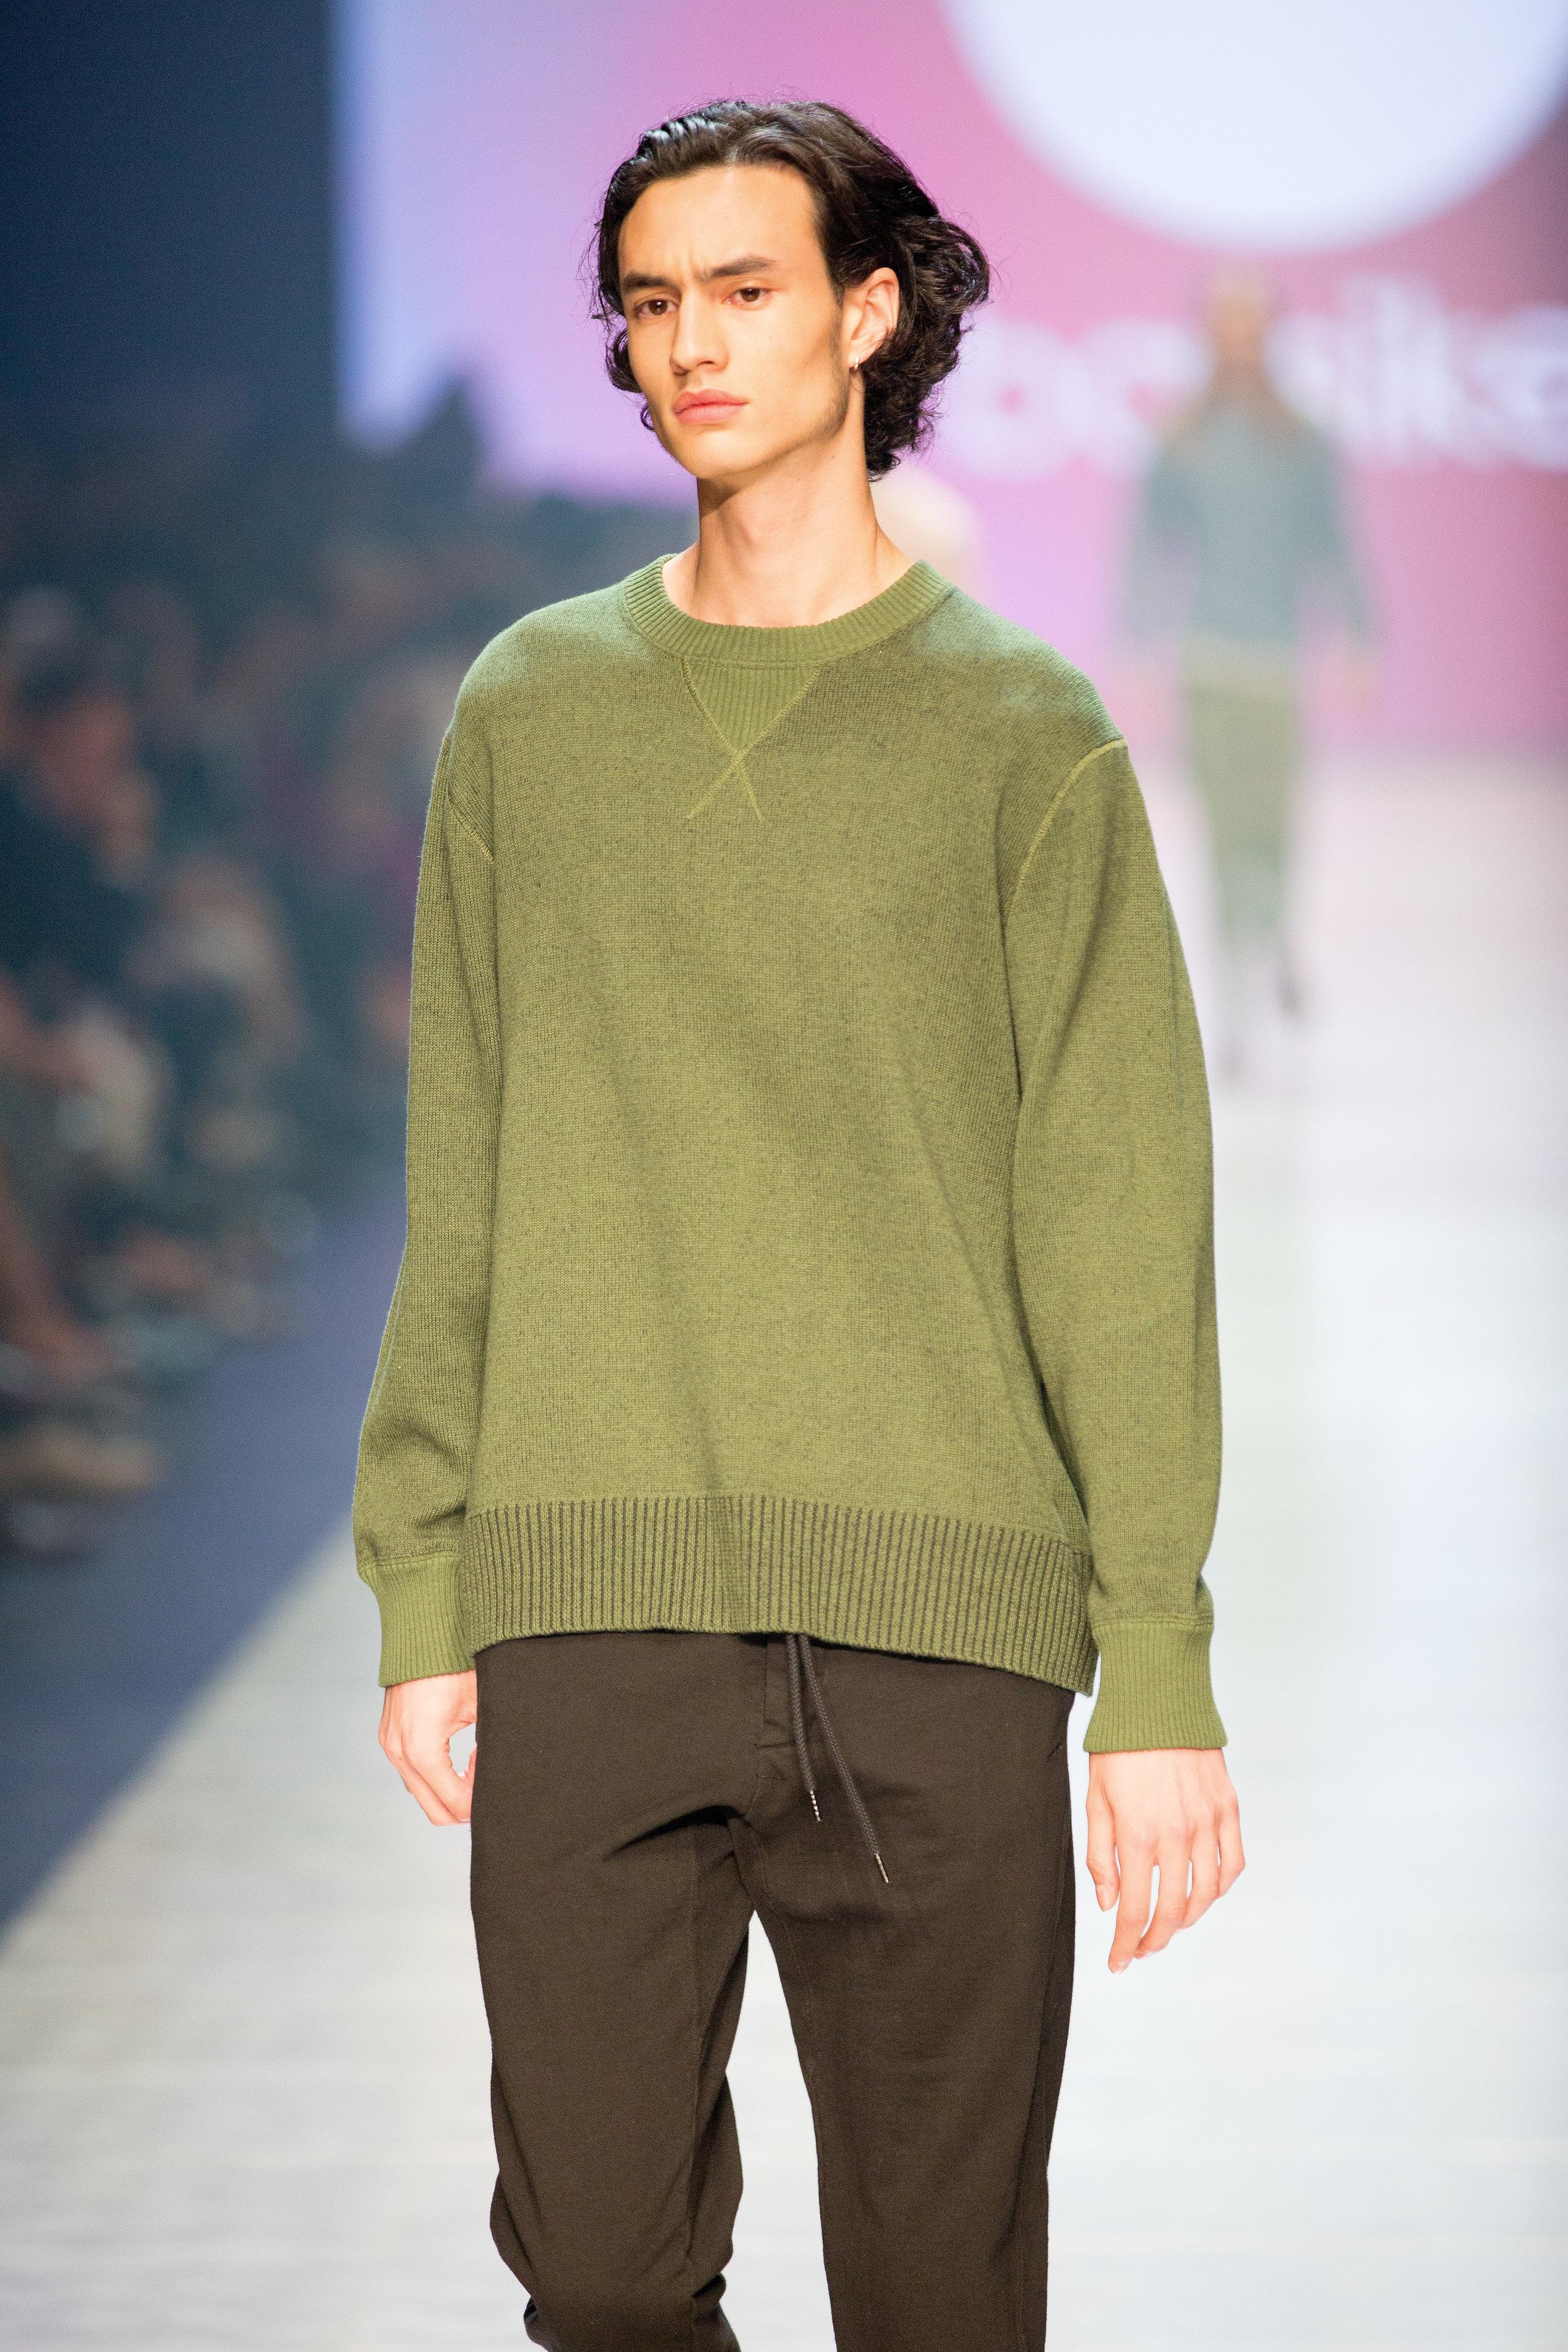 VAMFF2019_GQ Menswear-230.jpg